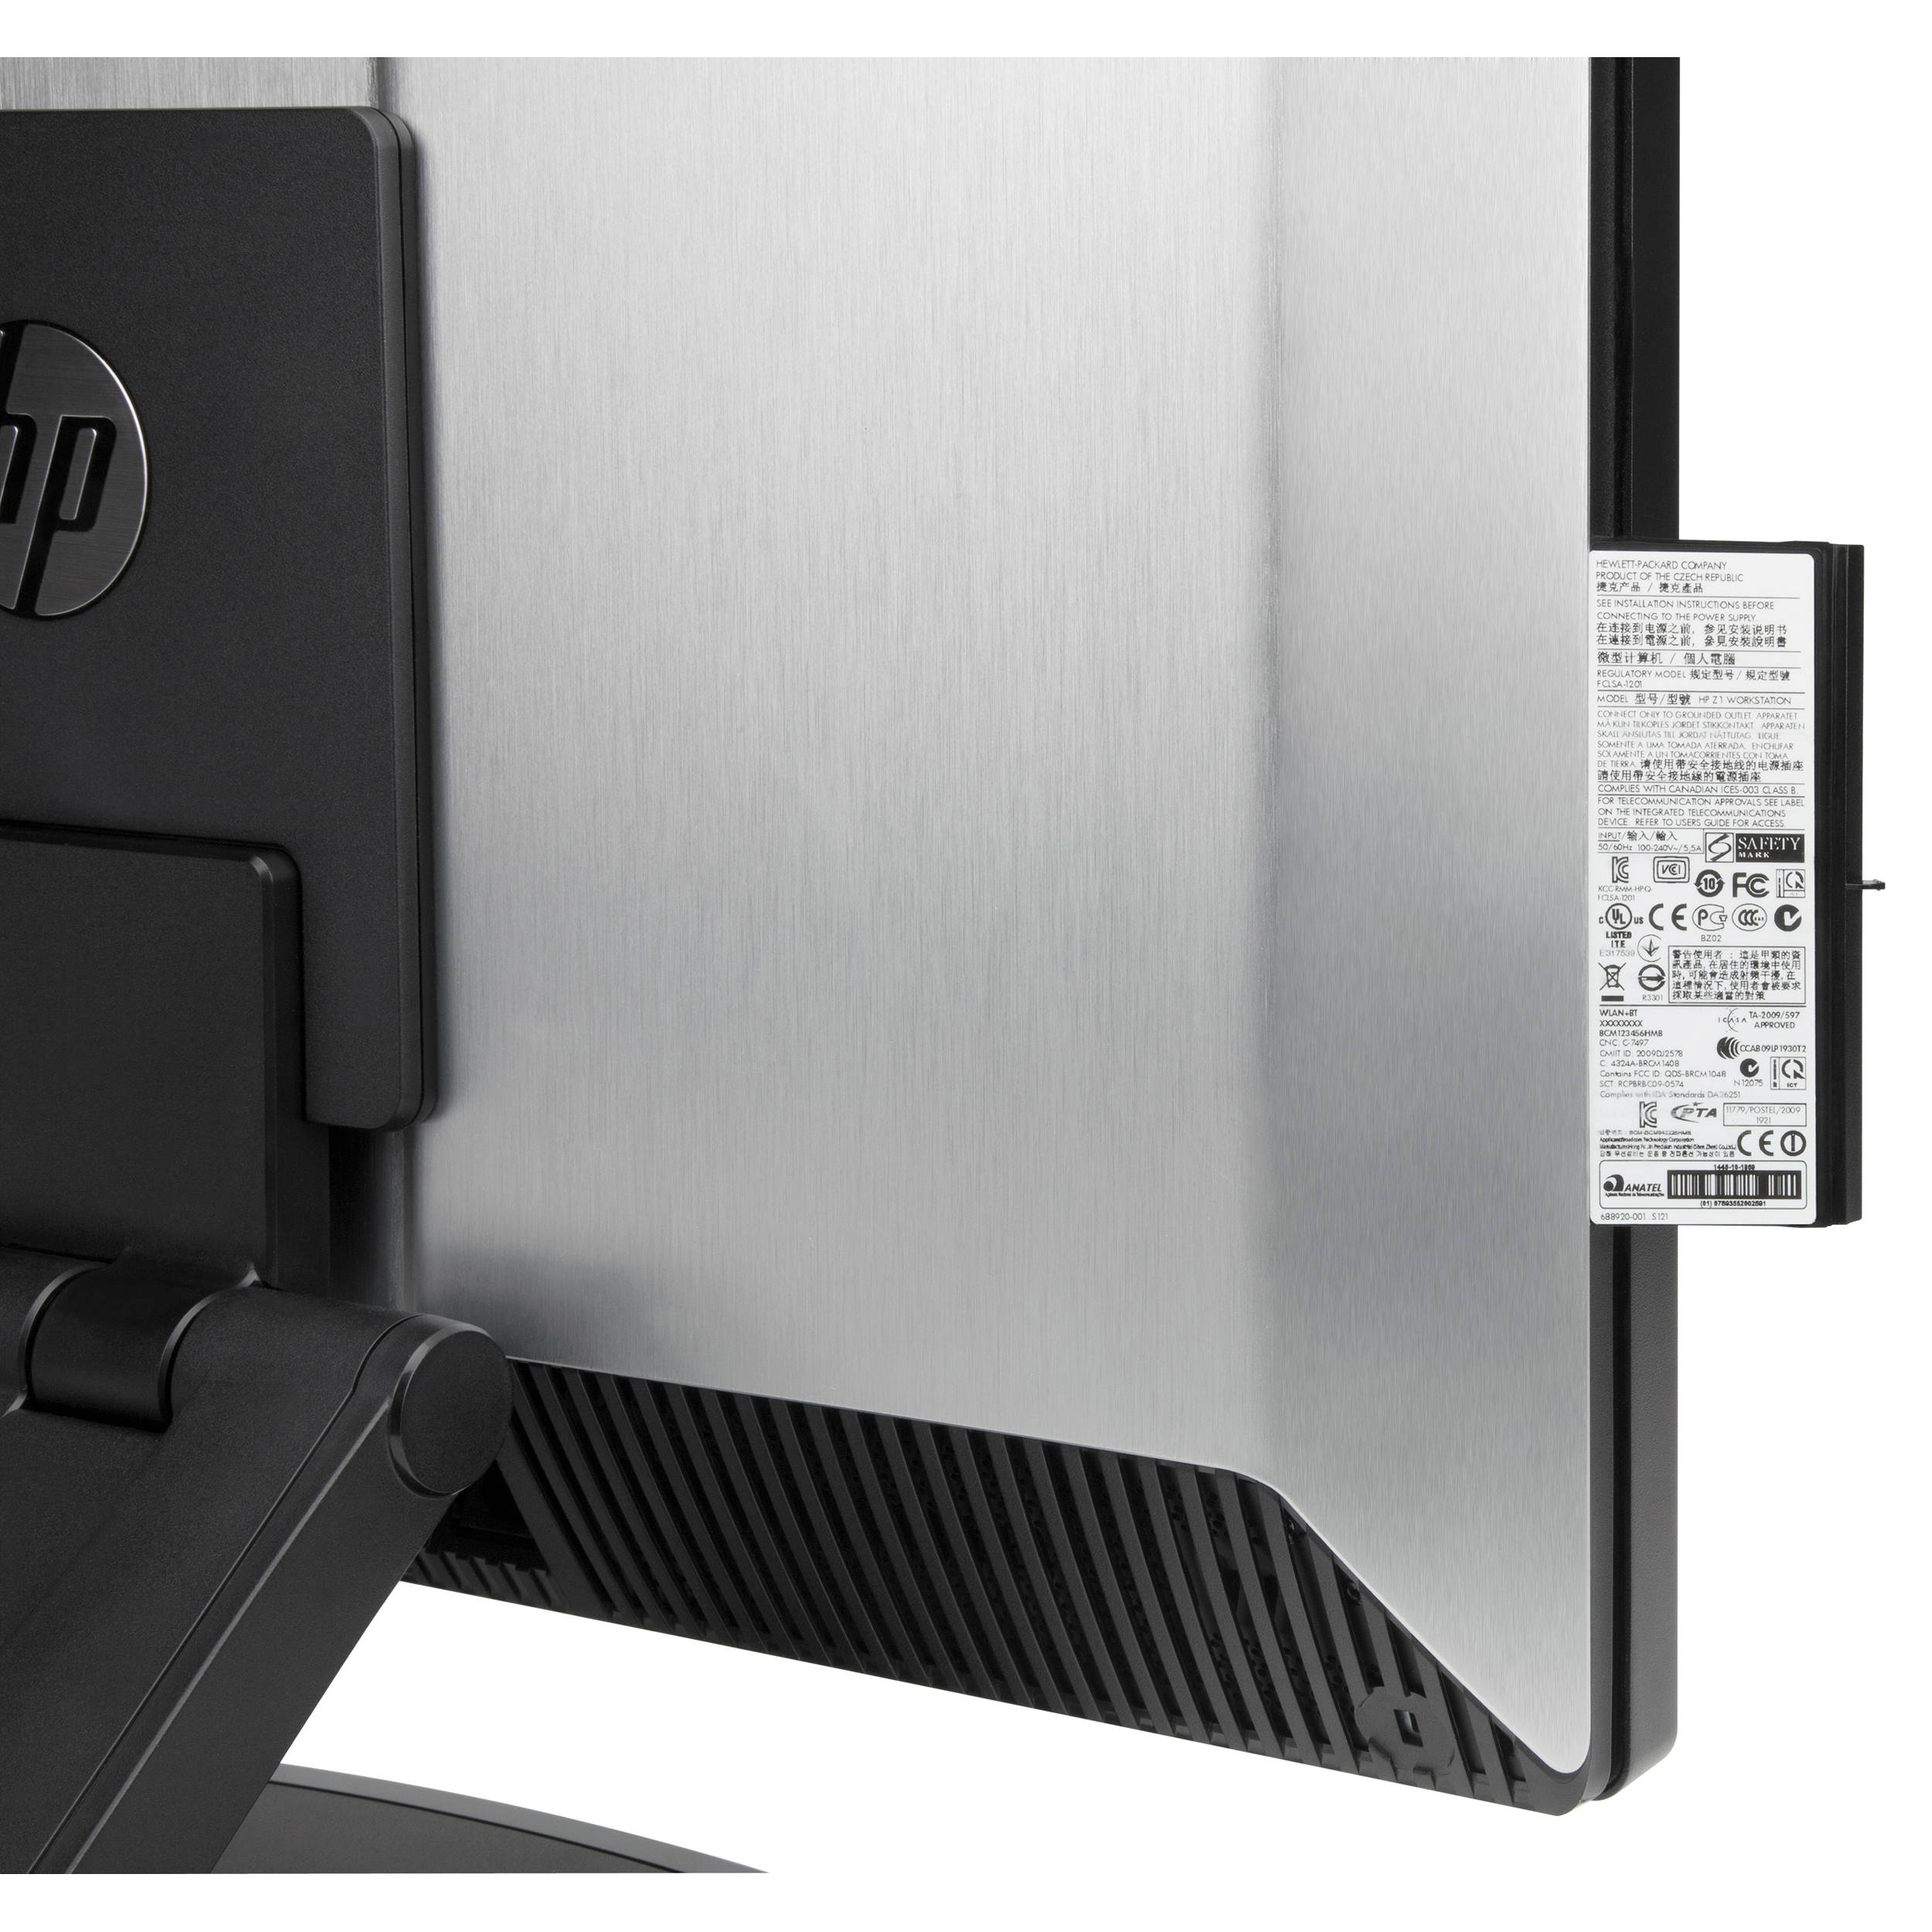 HP Z1 G2 F1L94UT 27